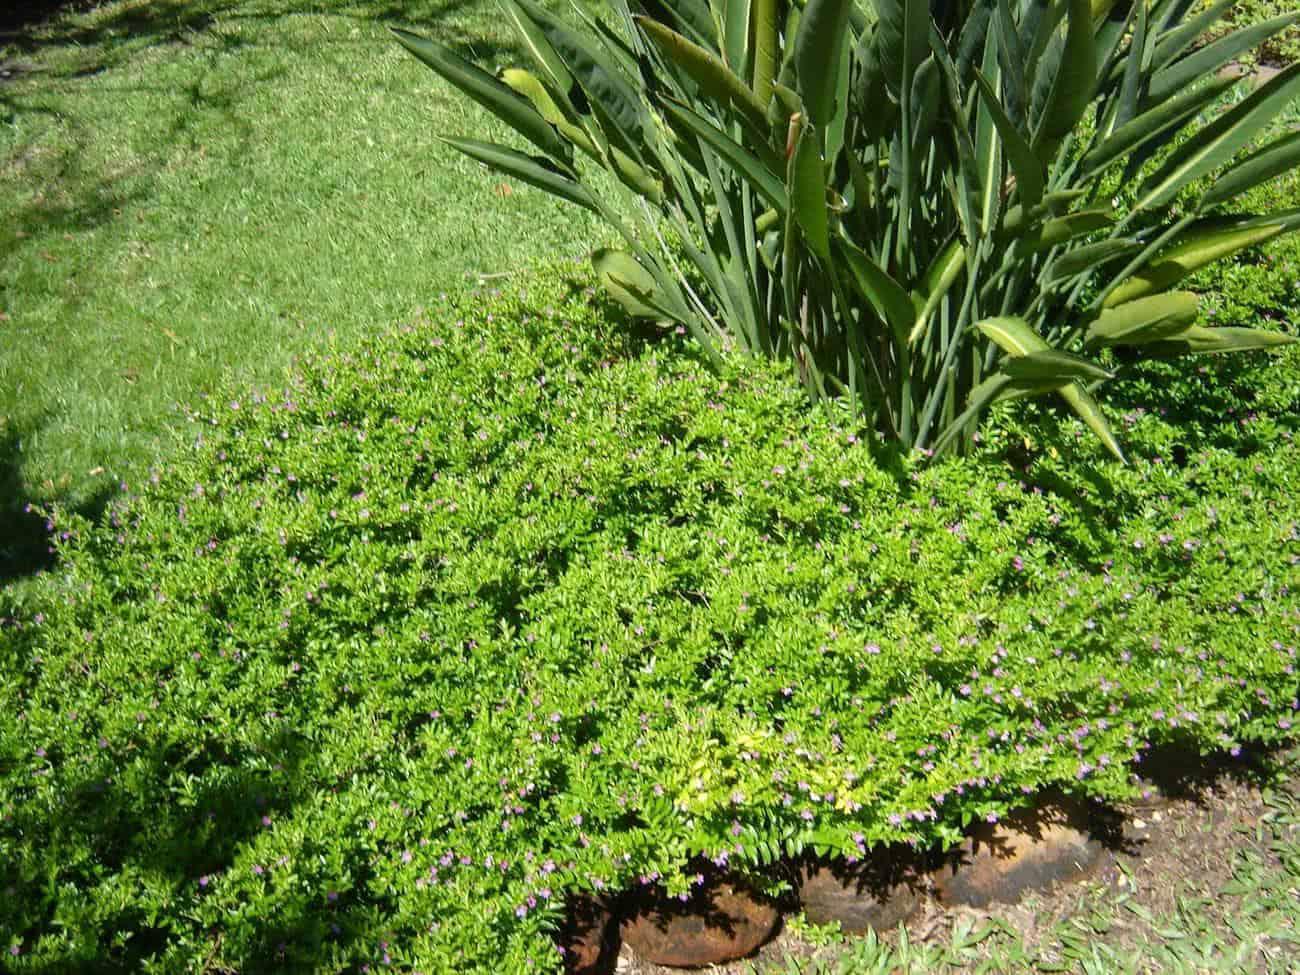 Dinheirinho (Pilea microphylla) FazFácil #89A625 2048x1536 Banheiro Cachorro Grama